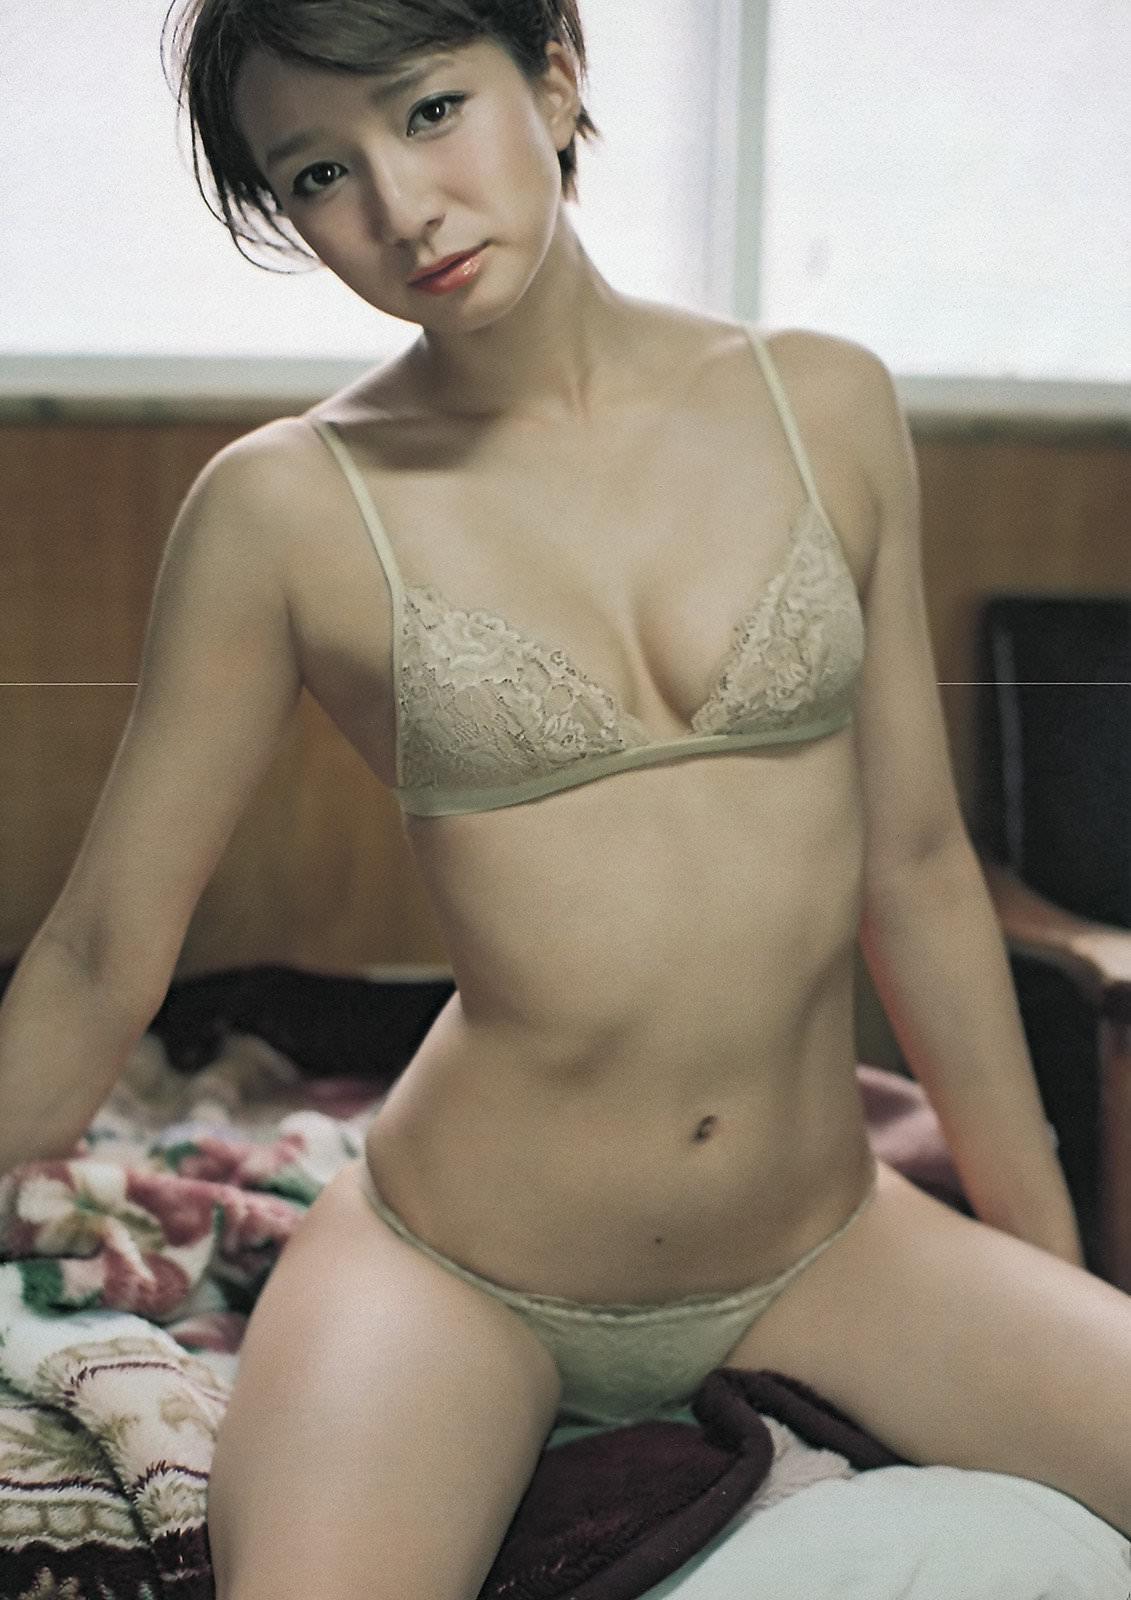 セクシーランジェリー着衣29 大人な女性の下着姿 1